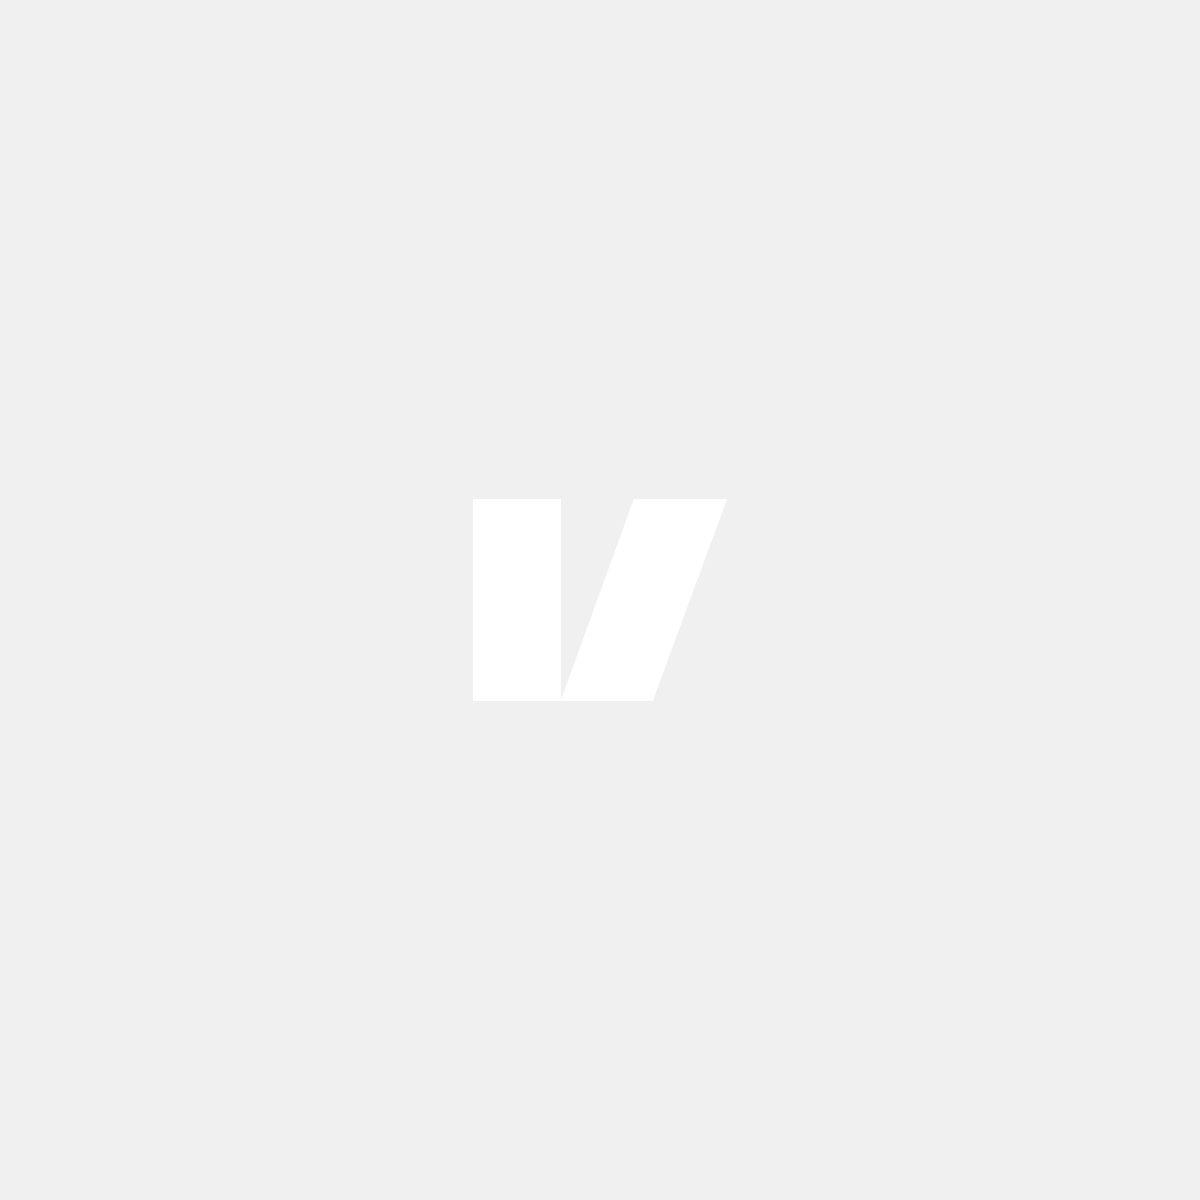 Signalhorn kit för alarmsystem till Volvo S60, S80, V70, XC70